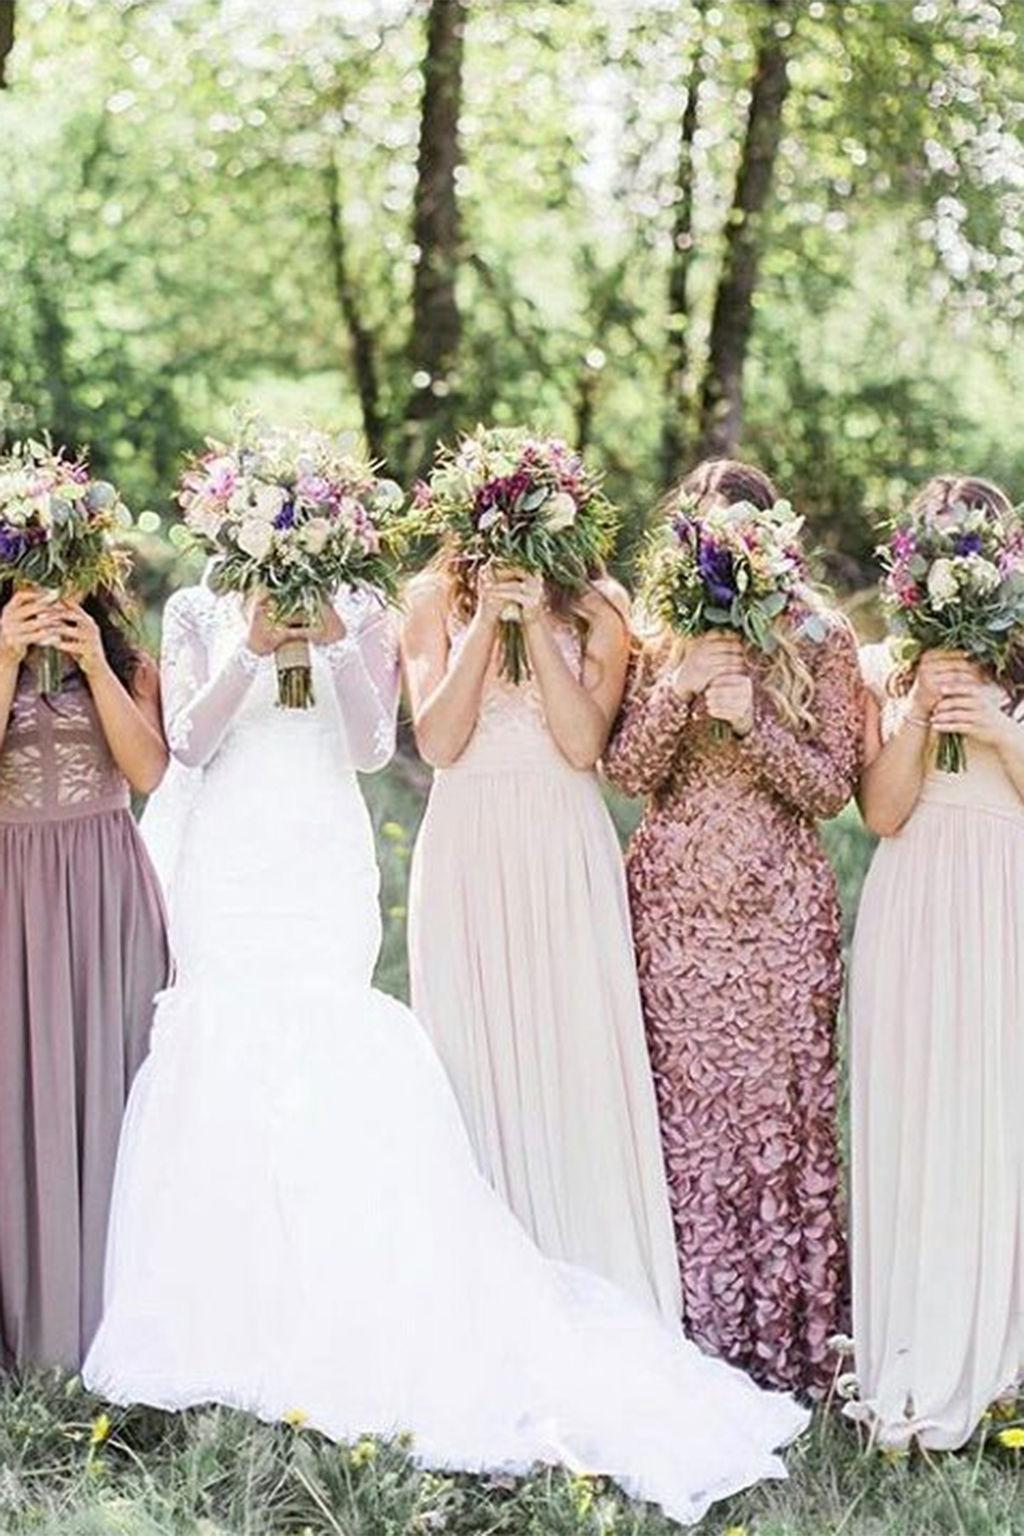 Genial Kleid Für Die Hochzeit Spezialgebiet13 Einzigartig Kleid Für Die Hochzeit für 2019